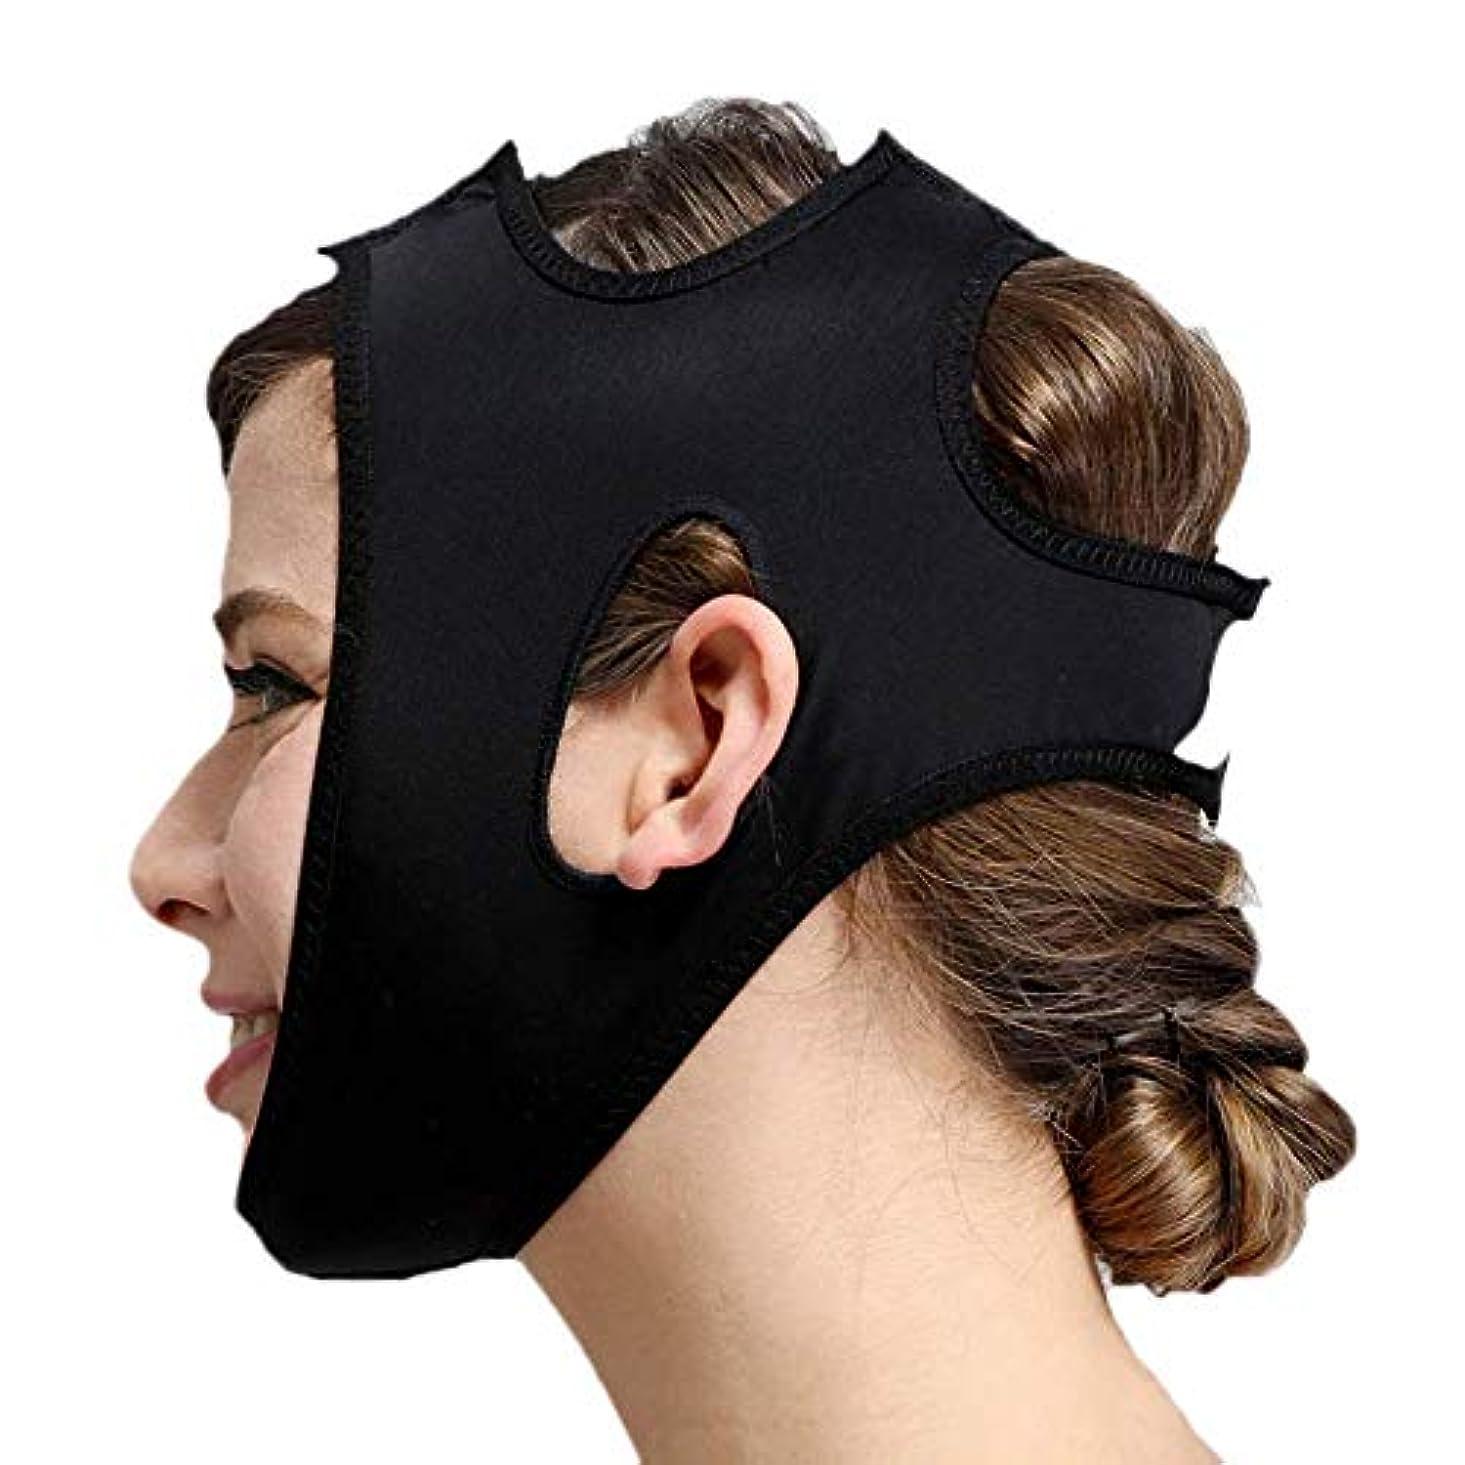 インチ天才抗議フェイススリミングマスク、快適さと通気性、フェイシャルリフティング、輪郭の改善された硬さ、ファーミングとリフティングフェイス(カラー:ブラック、サイズ:XL),黒、XXL